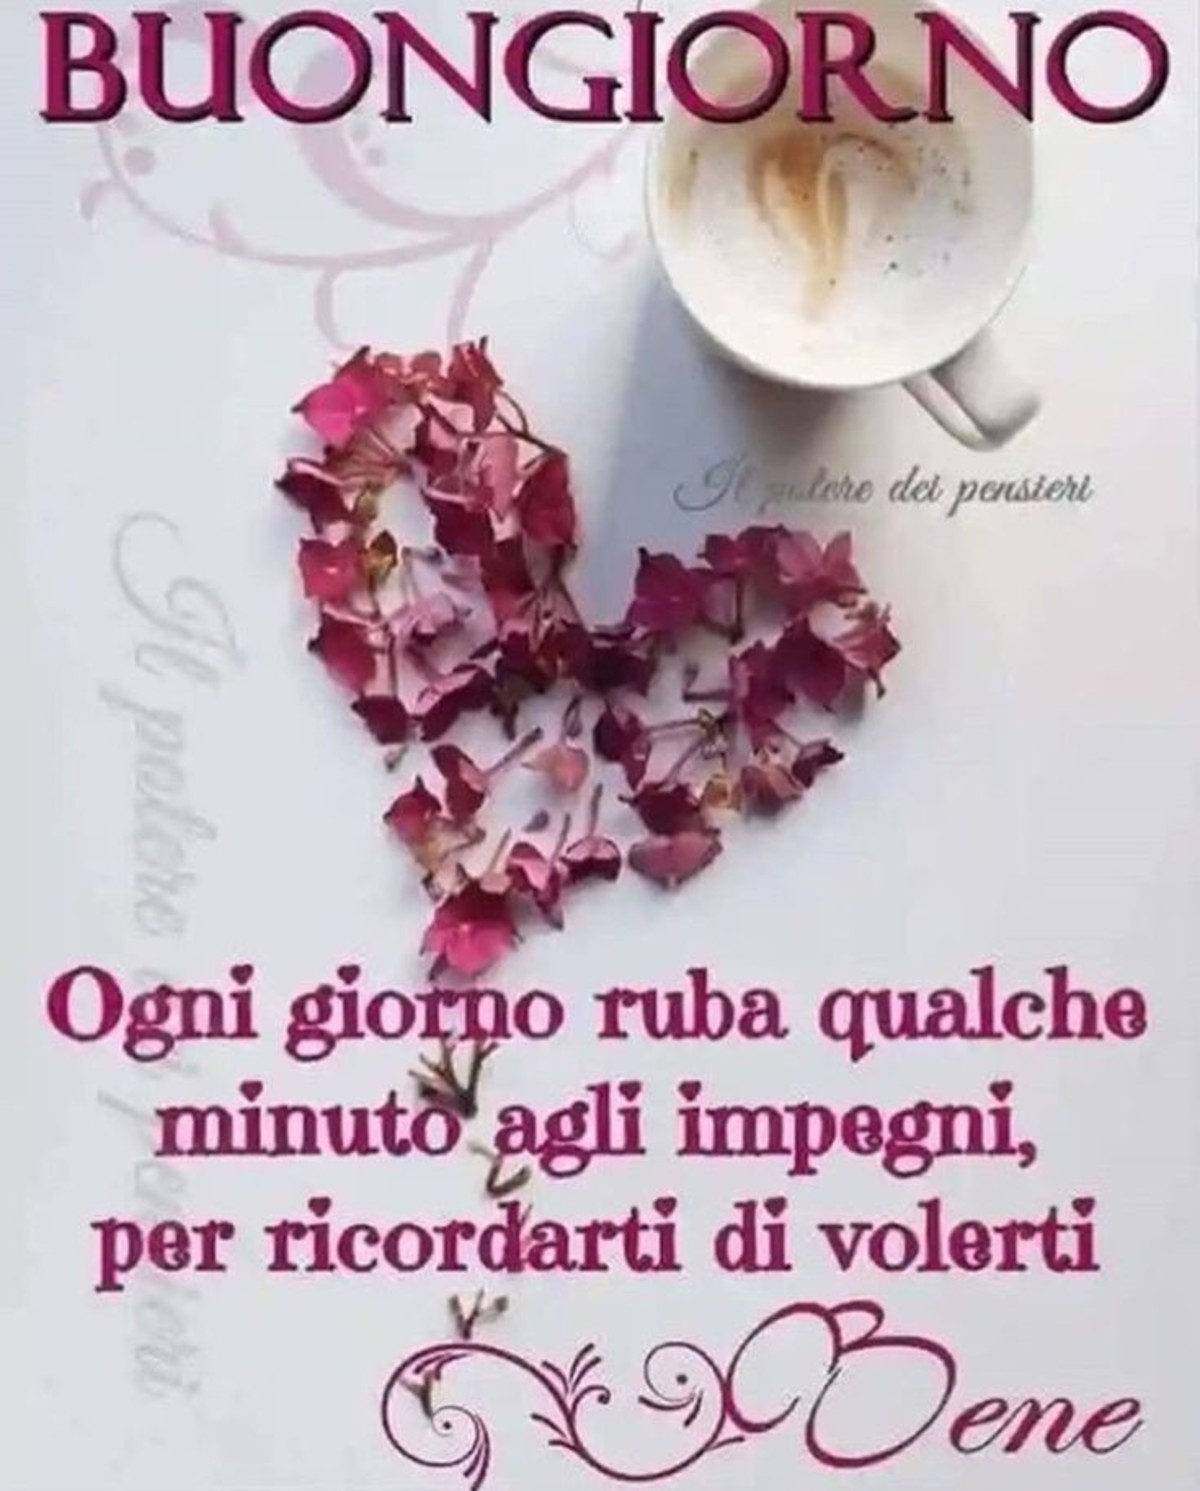 Buongiorno con amore (3)